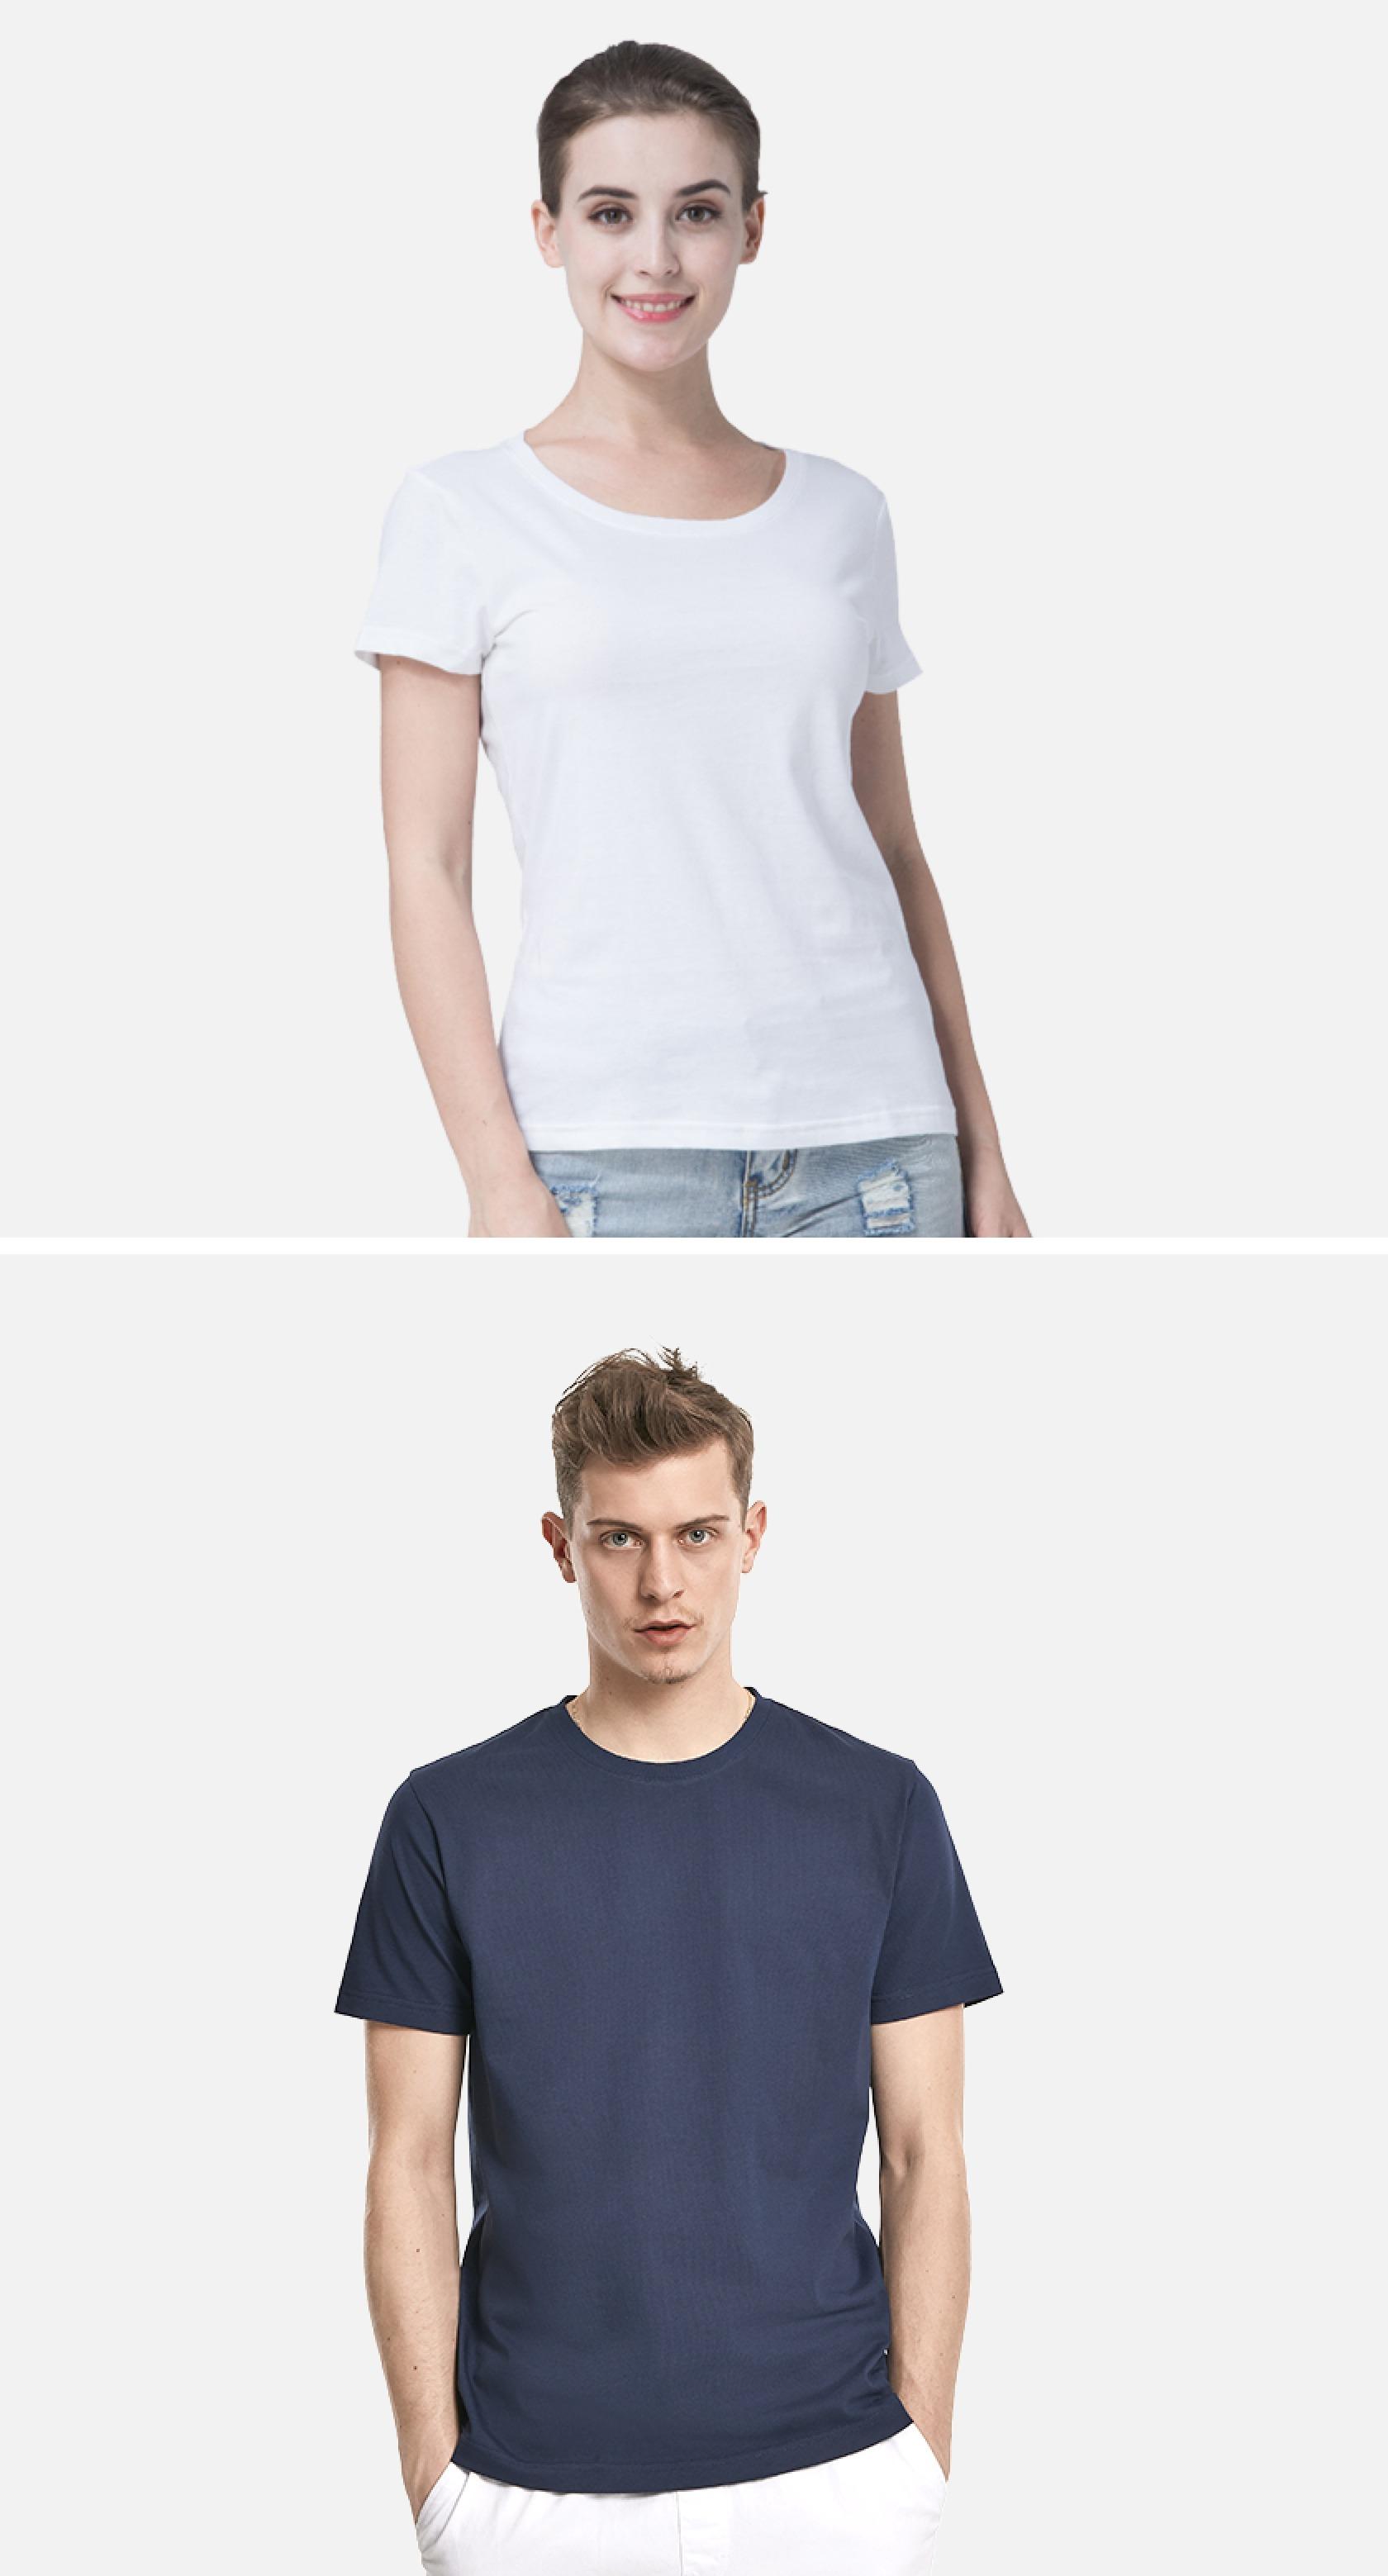 定制精梳棉PLUS短袖T恤